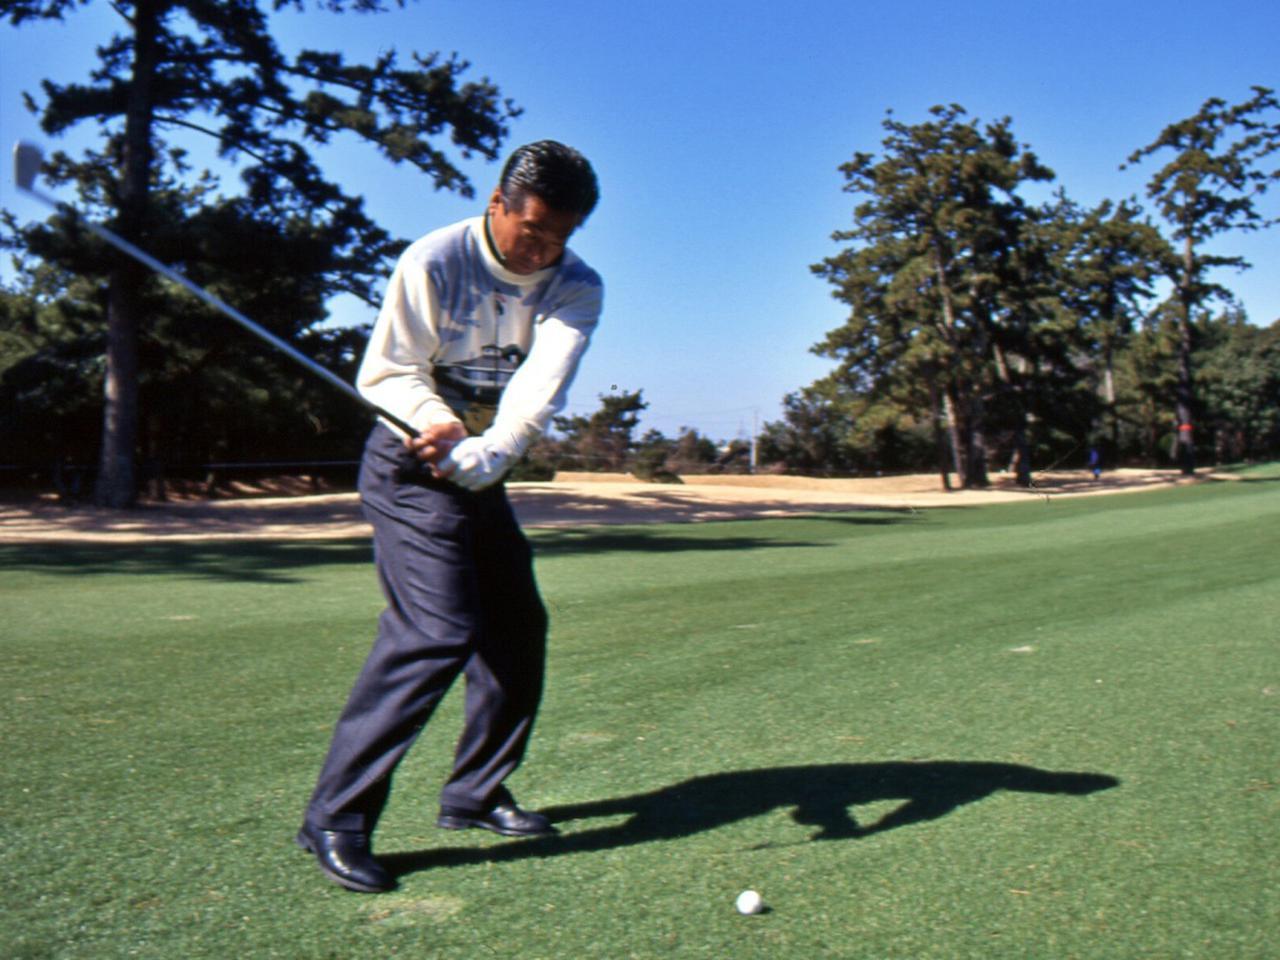 画像: 1994年の静岡オープン。36歳の時の振り。このころから「スウィングは大切だが、ゴルフはジャッジのゲーム」と語っていた